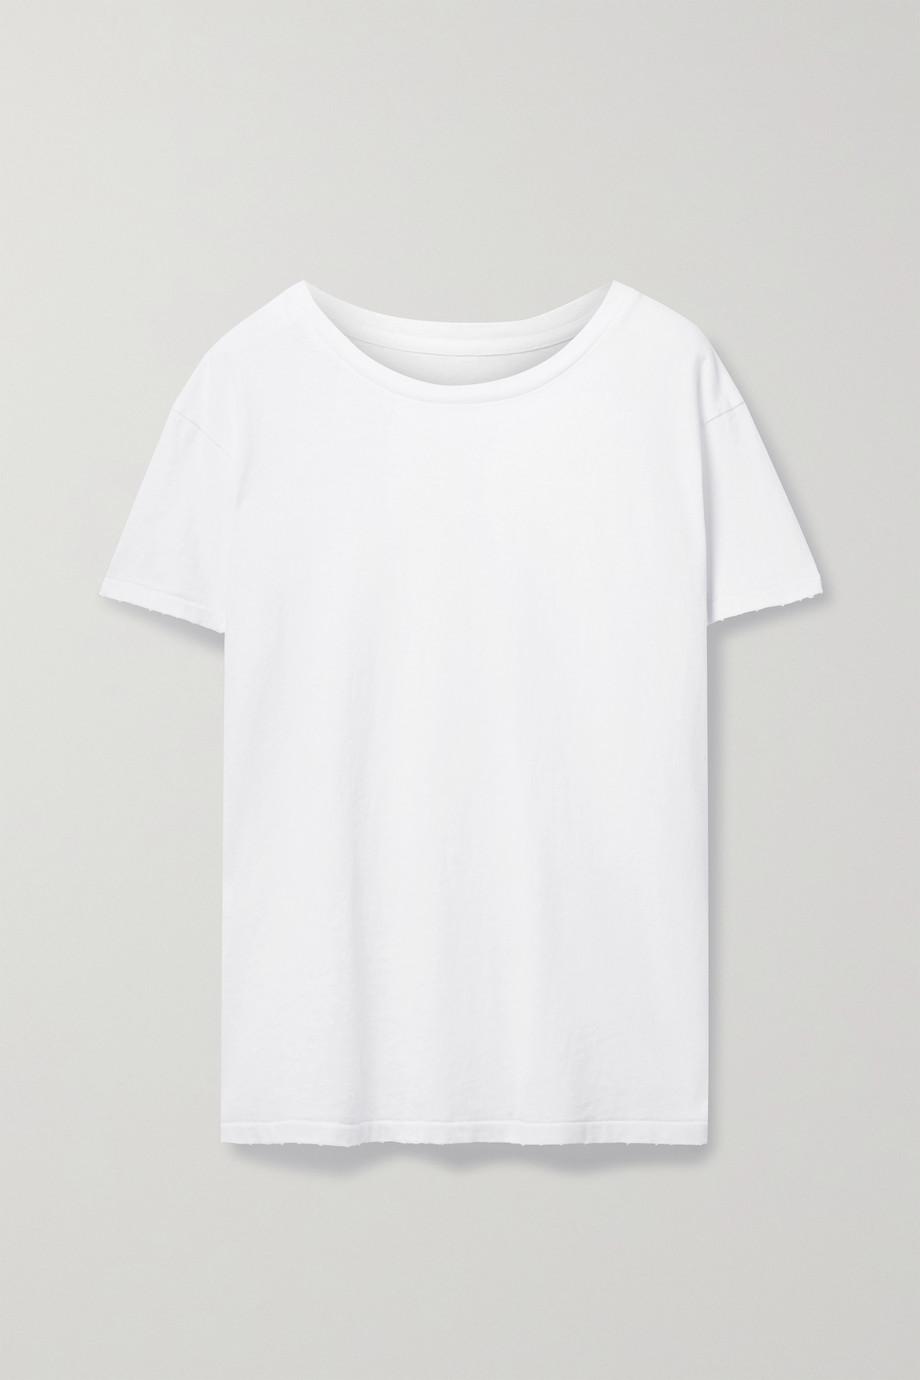 Nili Lotan Brady distressed cotton-jersey T-shirt